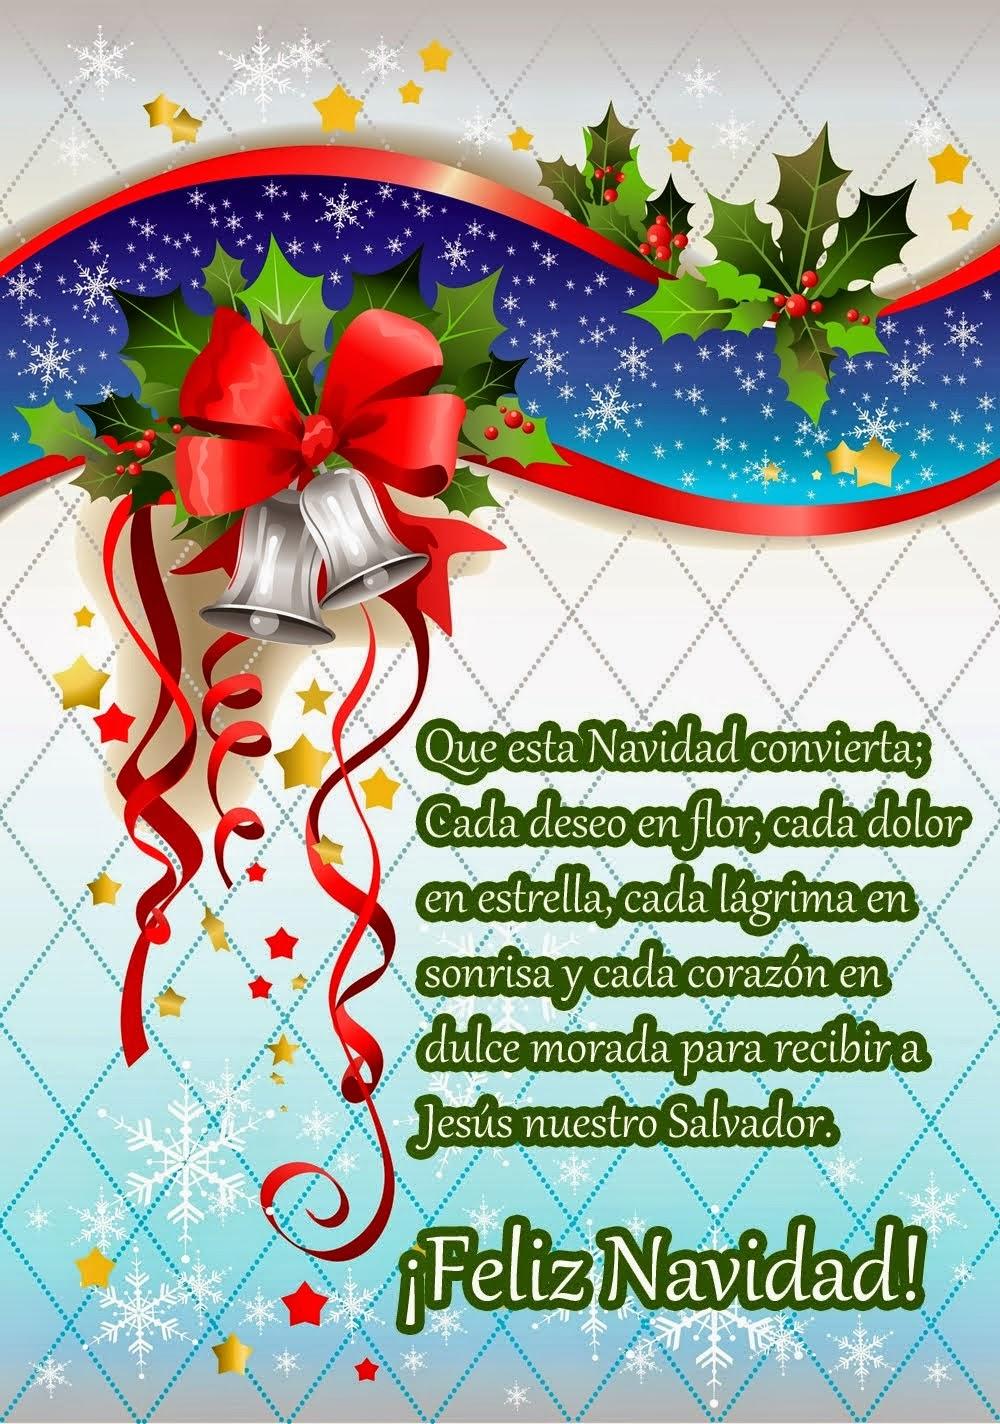 Frases De Navidad: Que Esta Navidad Convierta Cada Deseo En Flor